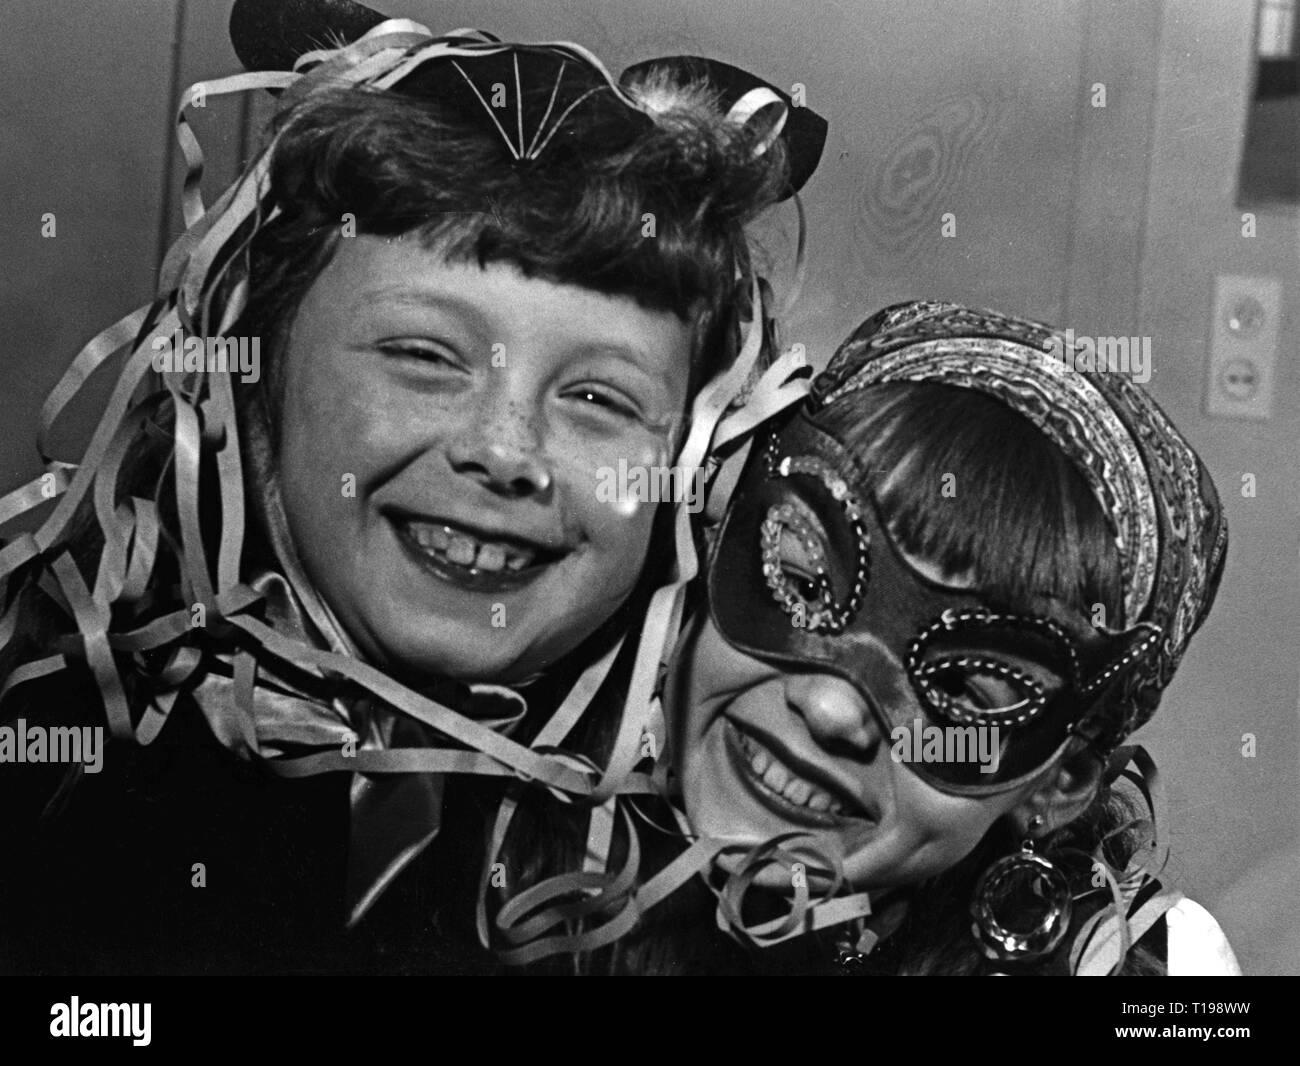 Feste di Carnevale, dissimulata due giovani ragazze, anni cinquanta, Additional-Rights-Clearance-Info-Not-Available Foto Stock